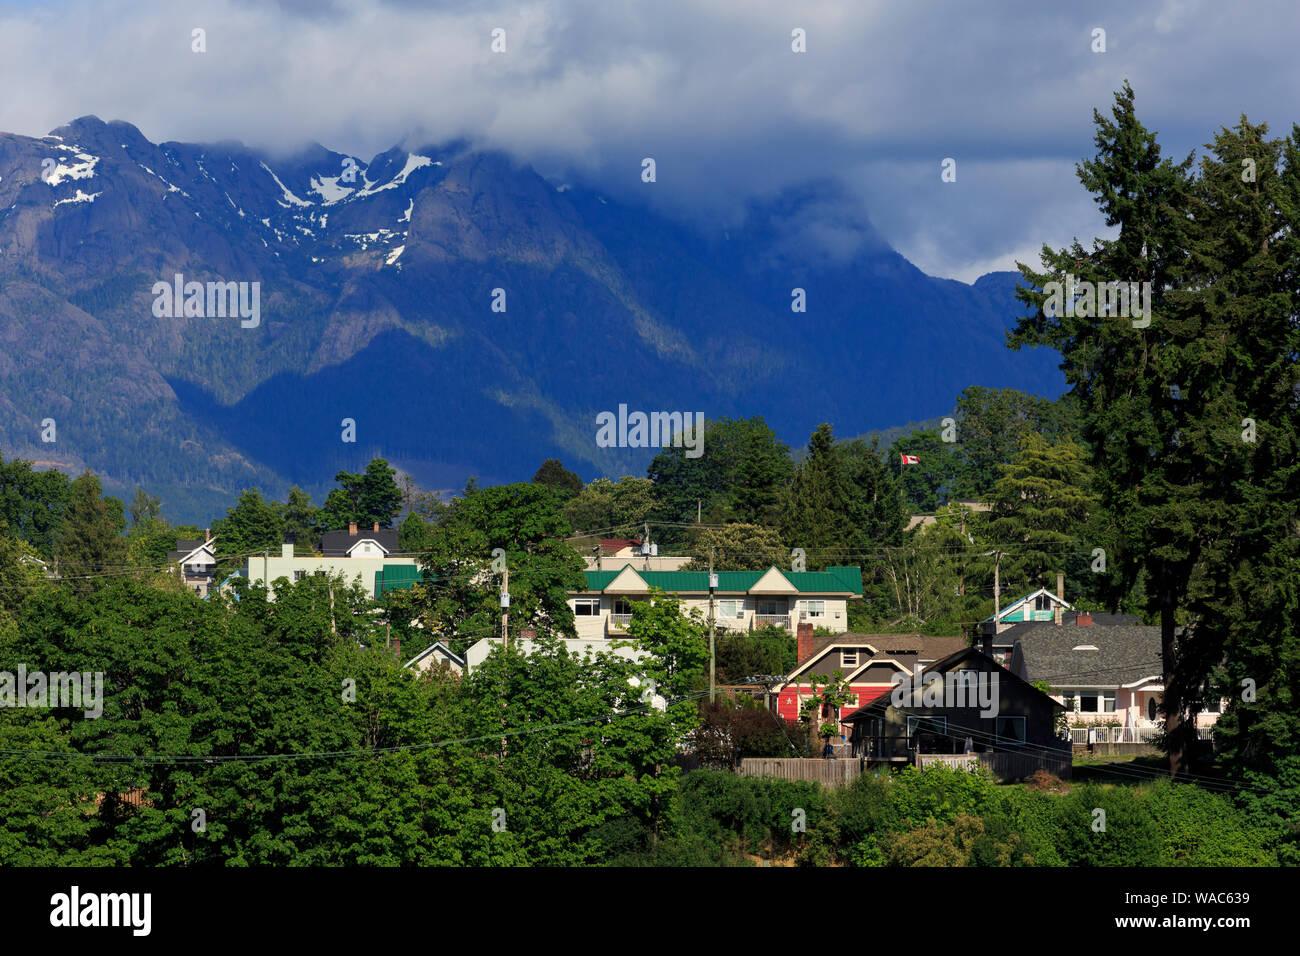 Vancouver Mountains Ocean Stock Photos & Vancouver Mountains